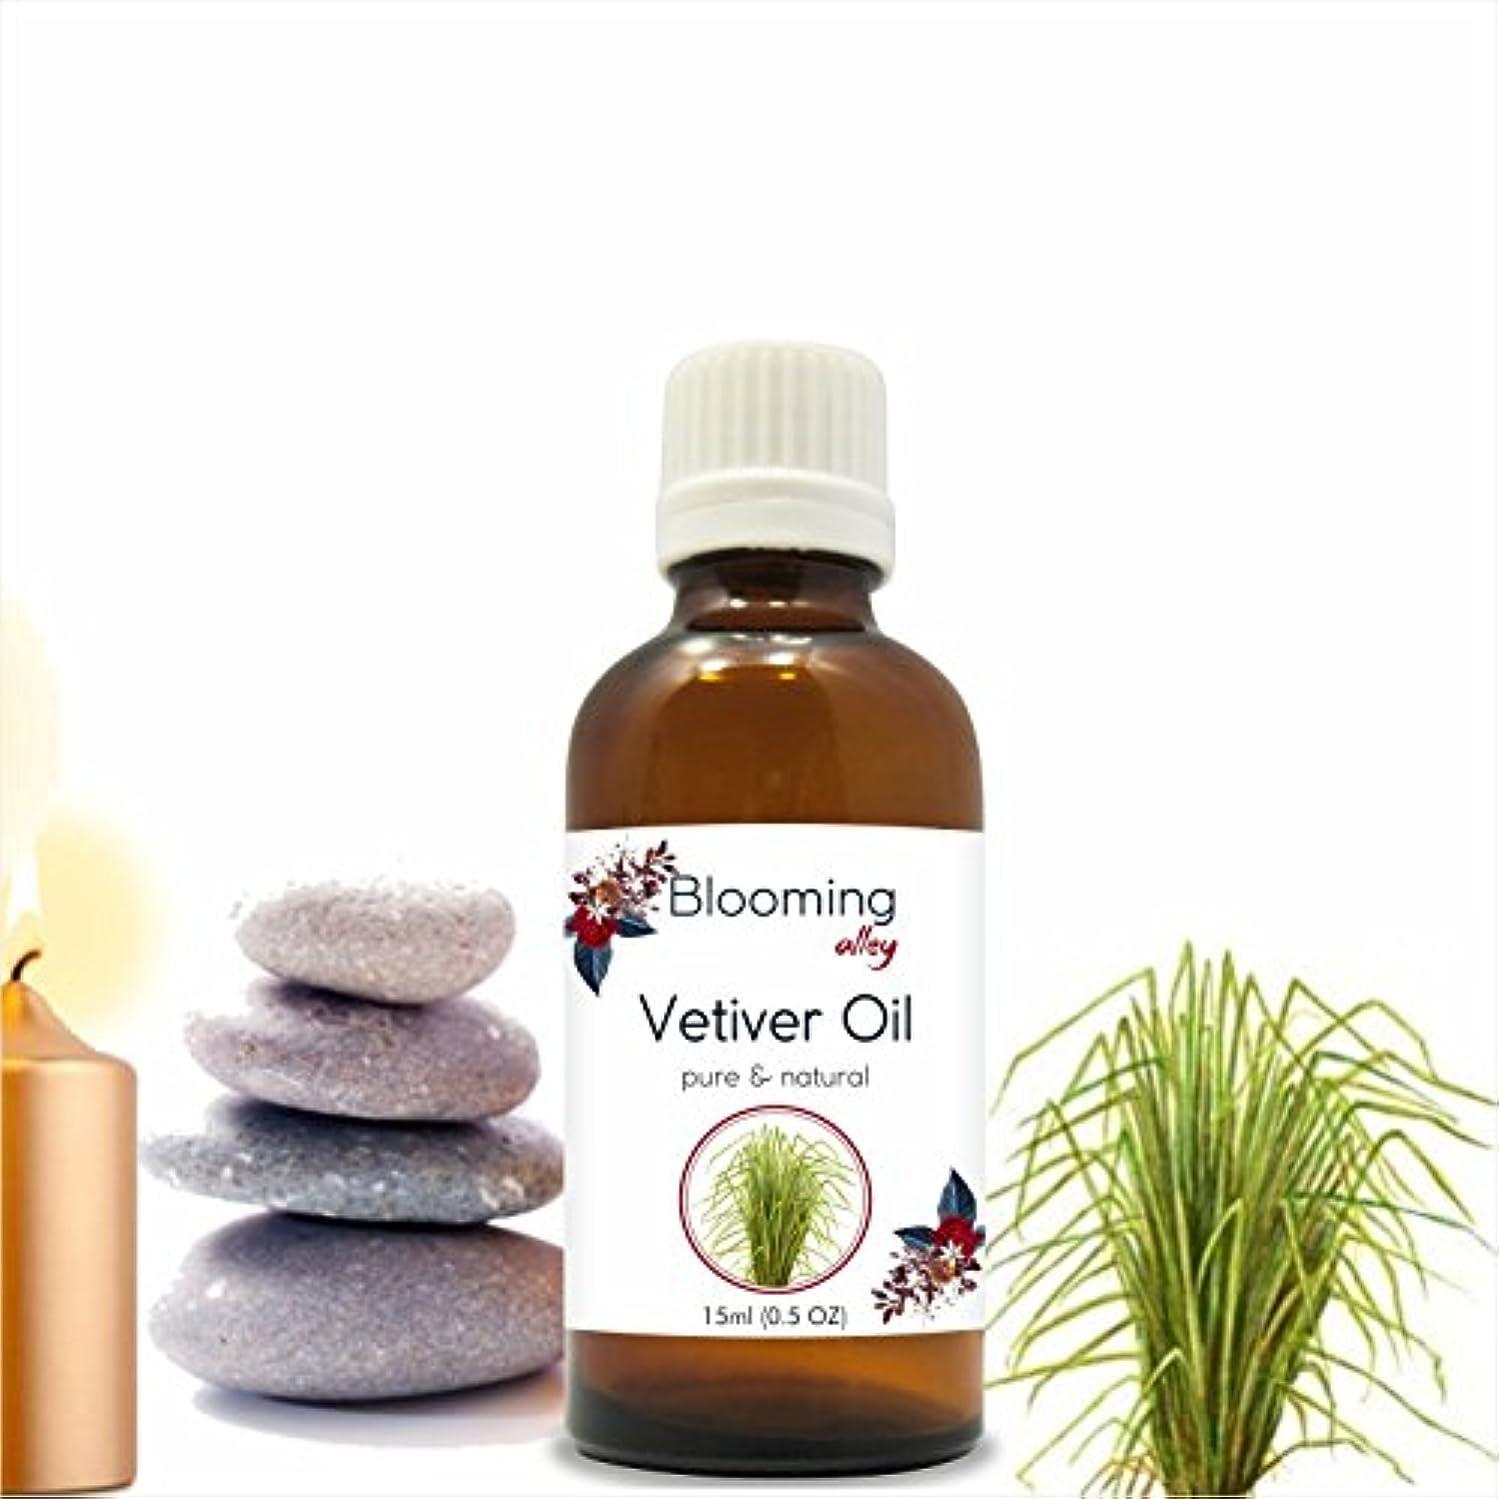 クリーナー使役リベラルVetiver Oil(Vetiveria Zizanioides) Essential Oil 15 ml or .50 Fl Oz by Blooming Alley